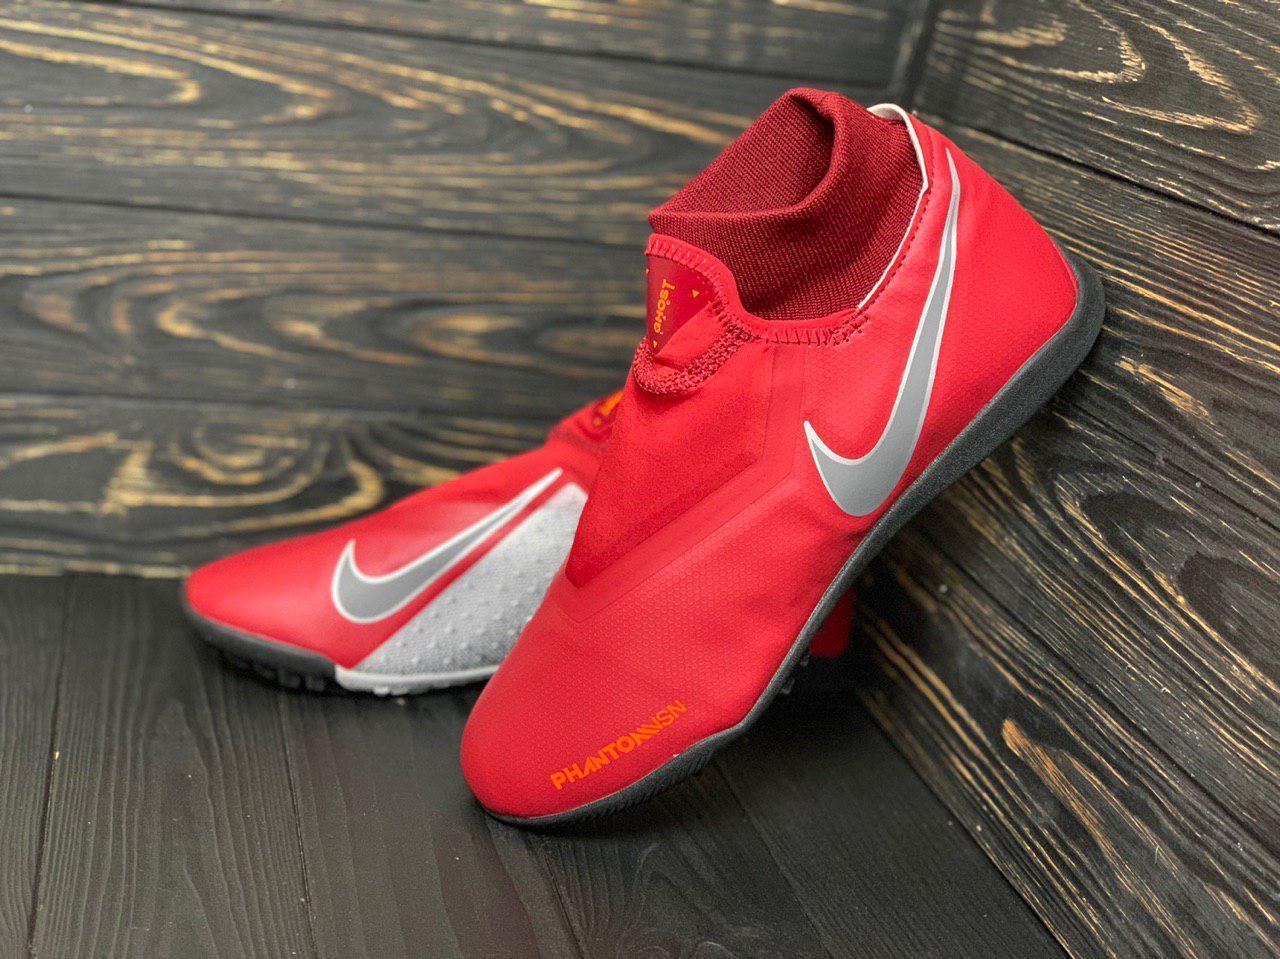 Сороконожки Nike Phantom VSN с носком 1133/ футбольная обувь(реплика)